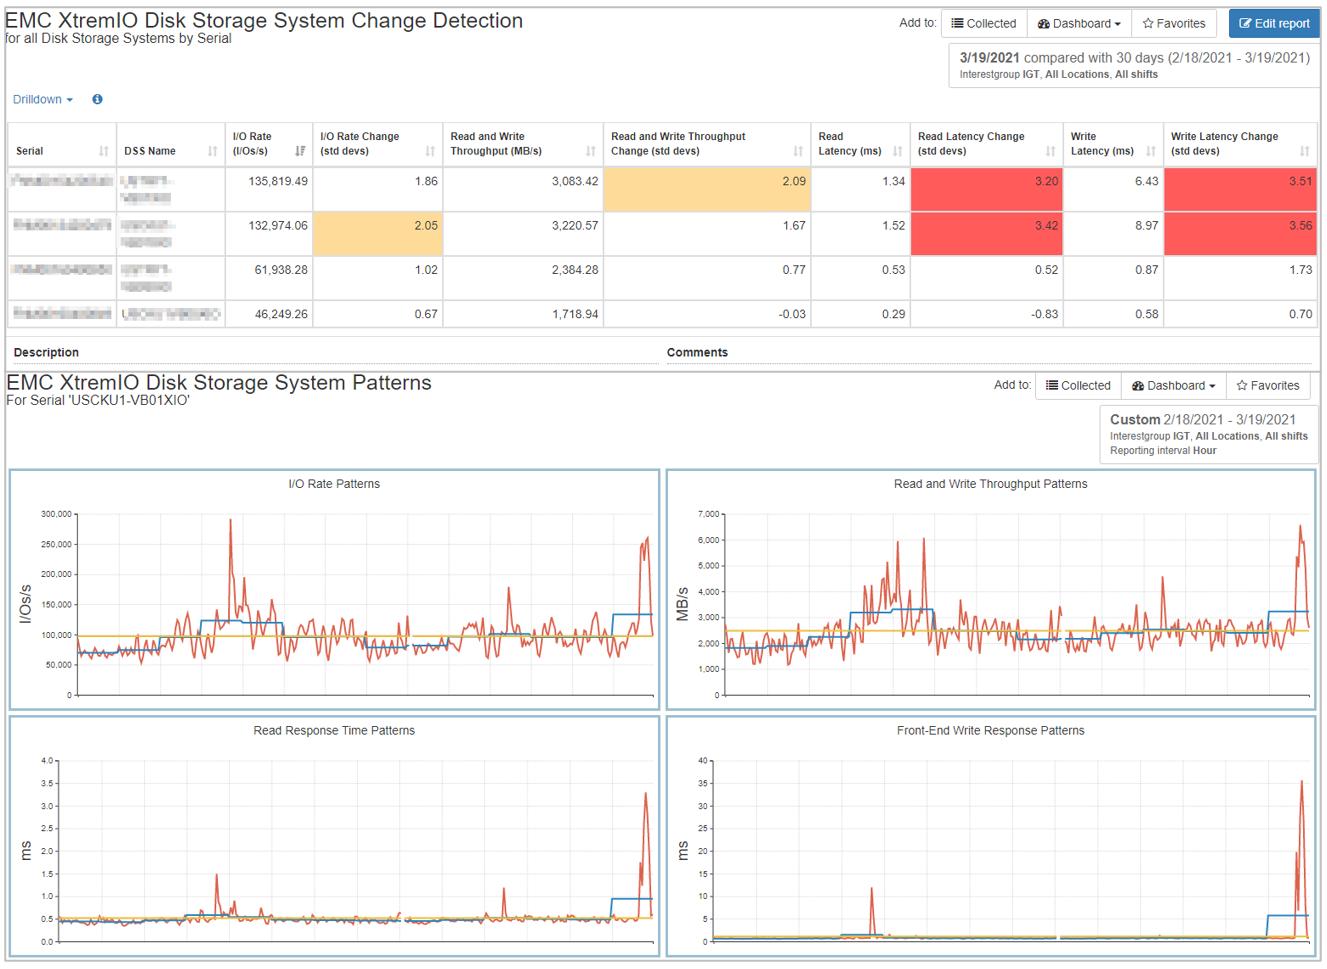 XtremIO Change Detection